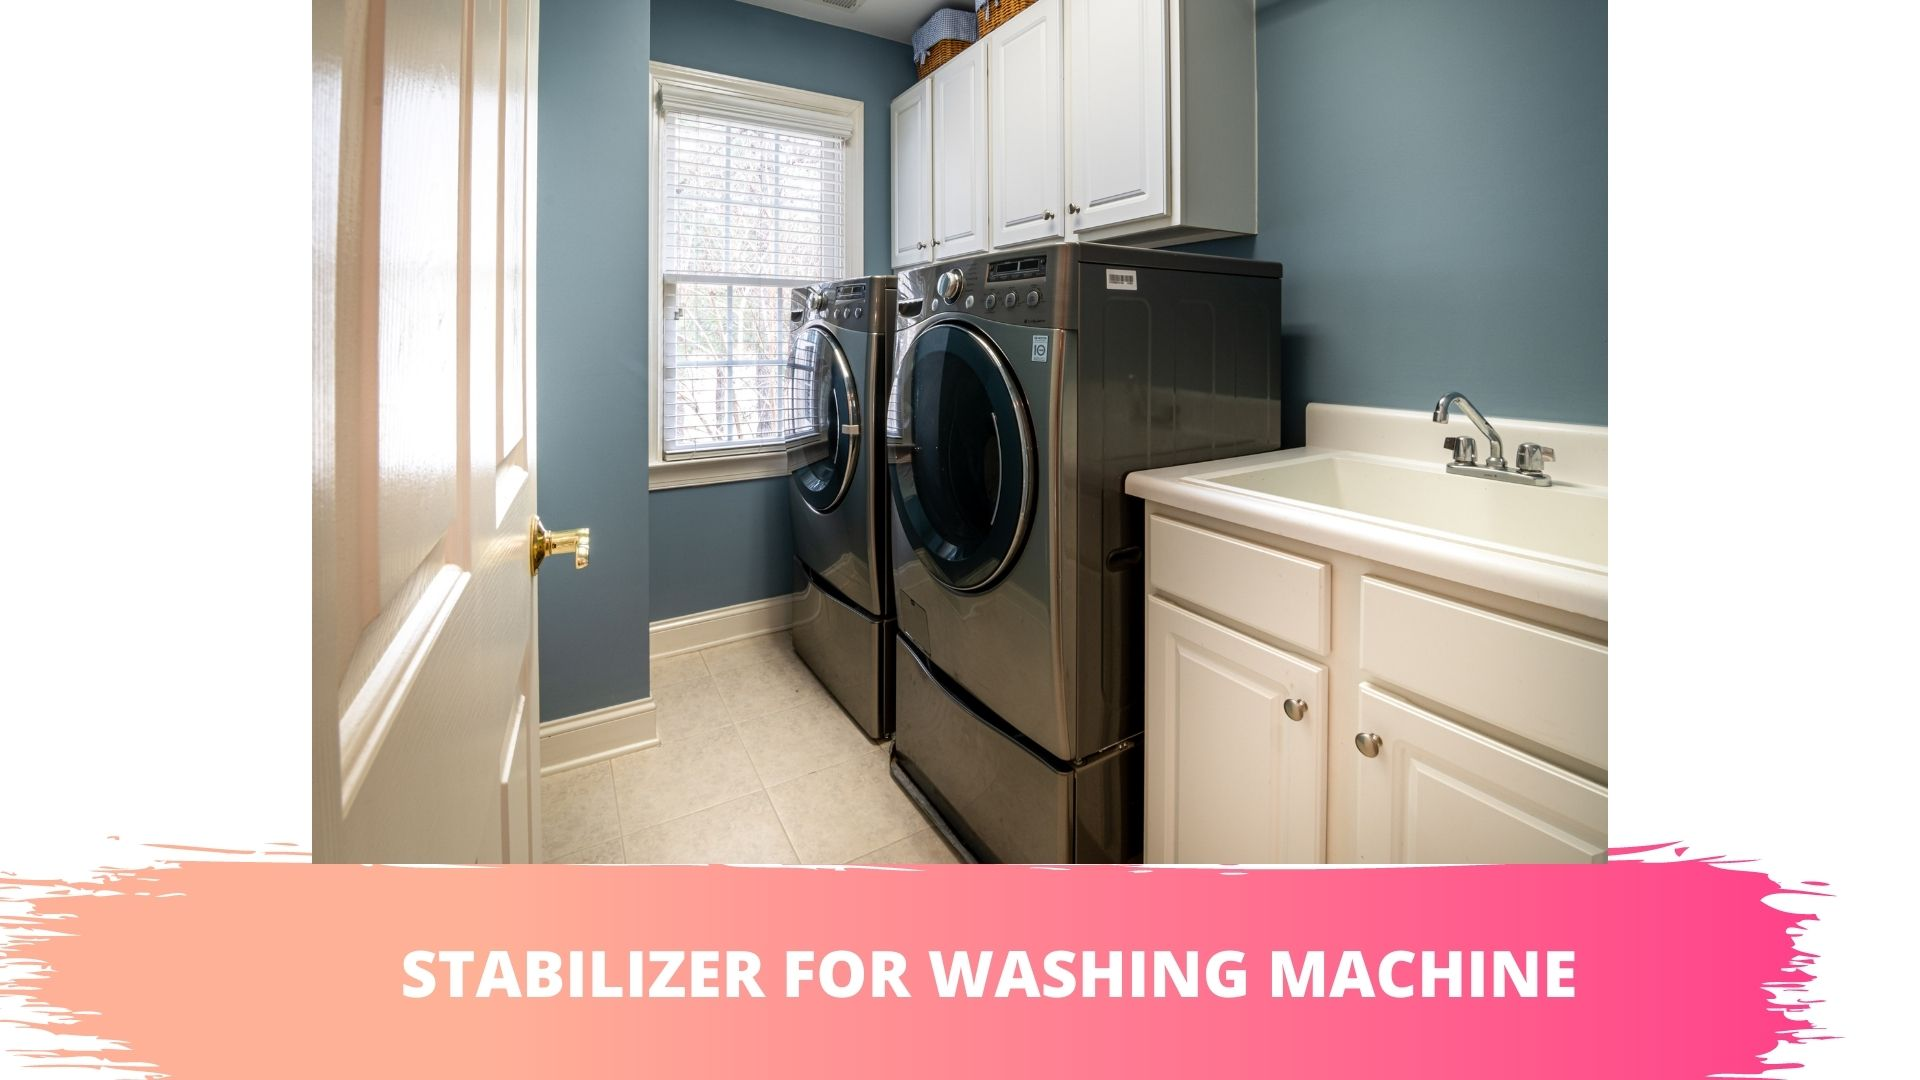 washing machine stabilizer